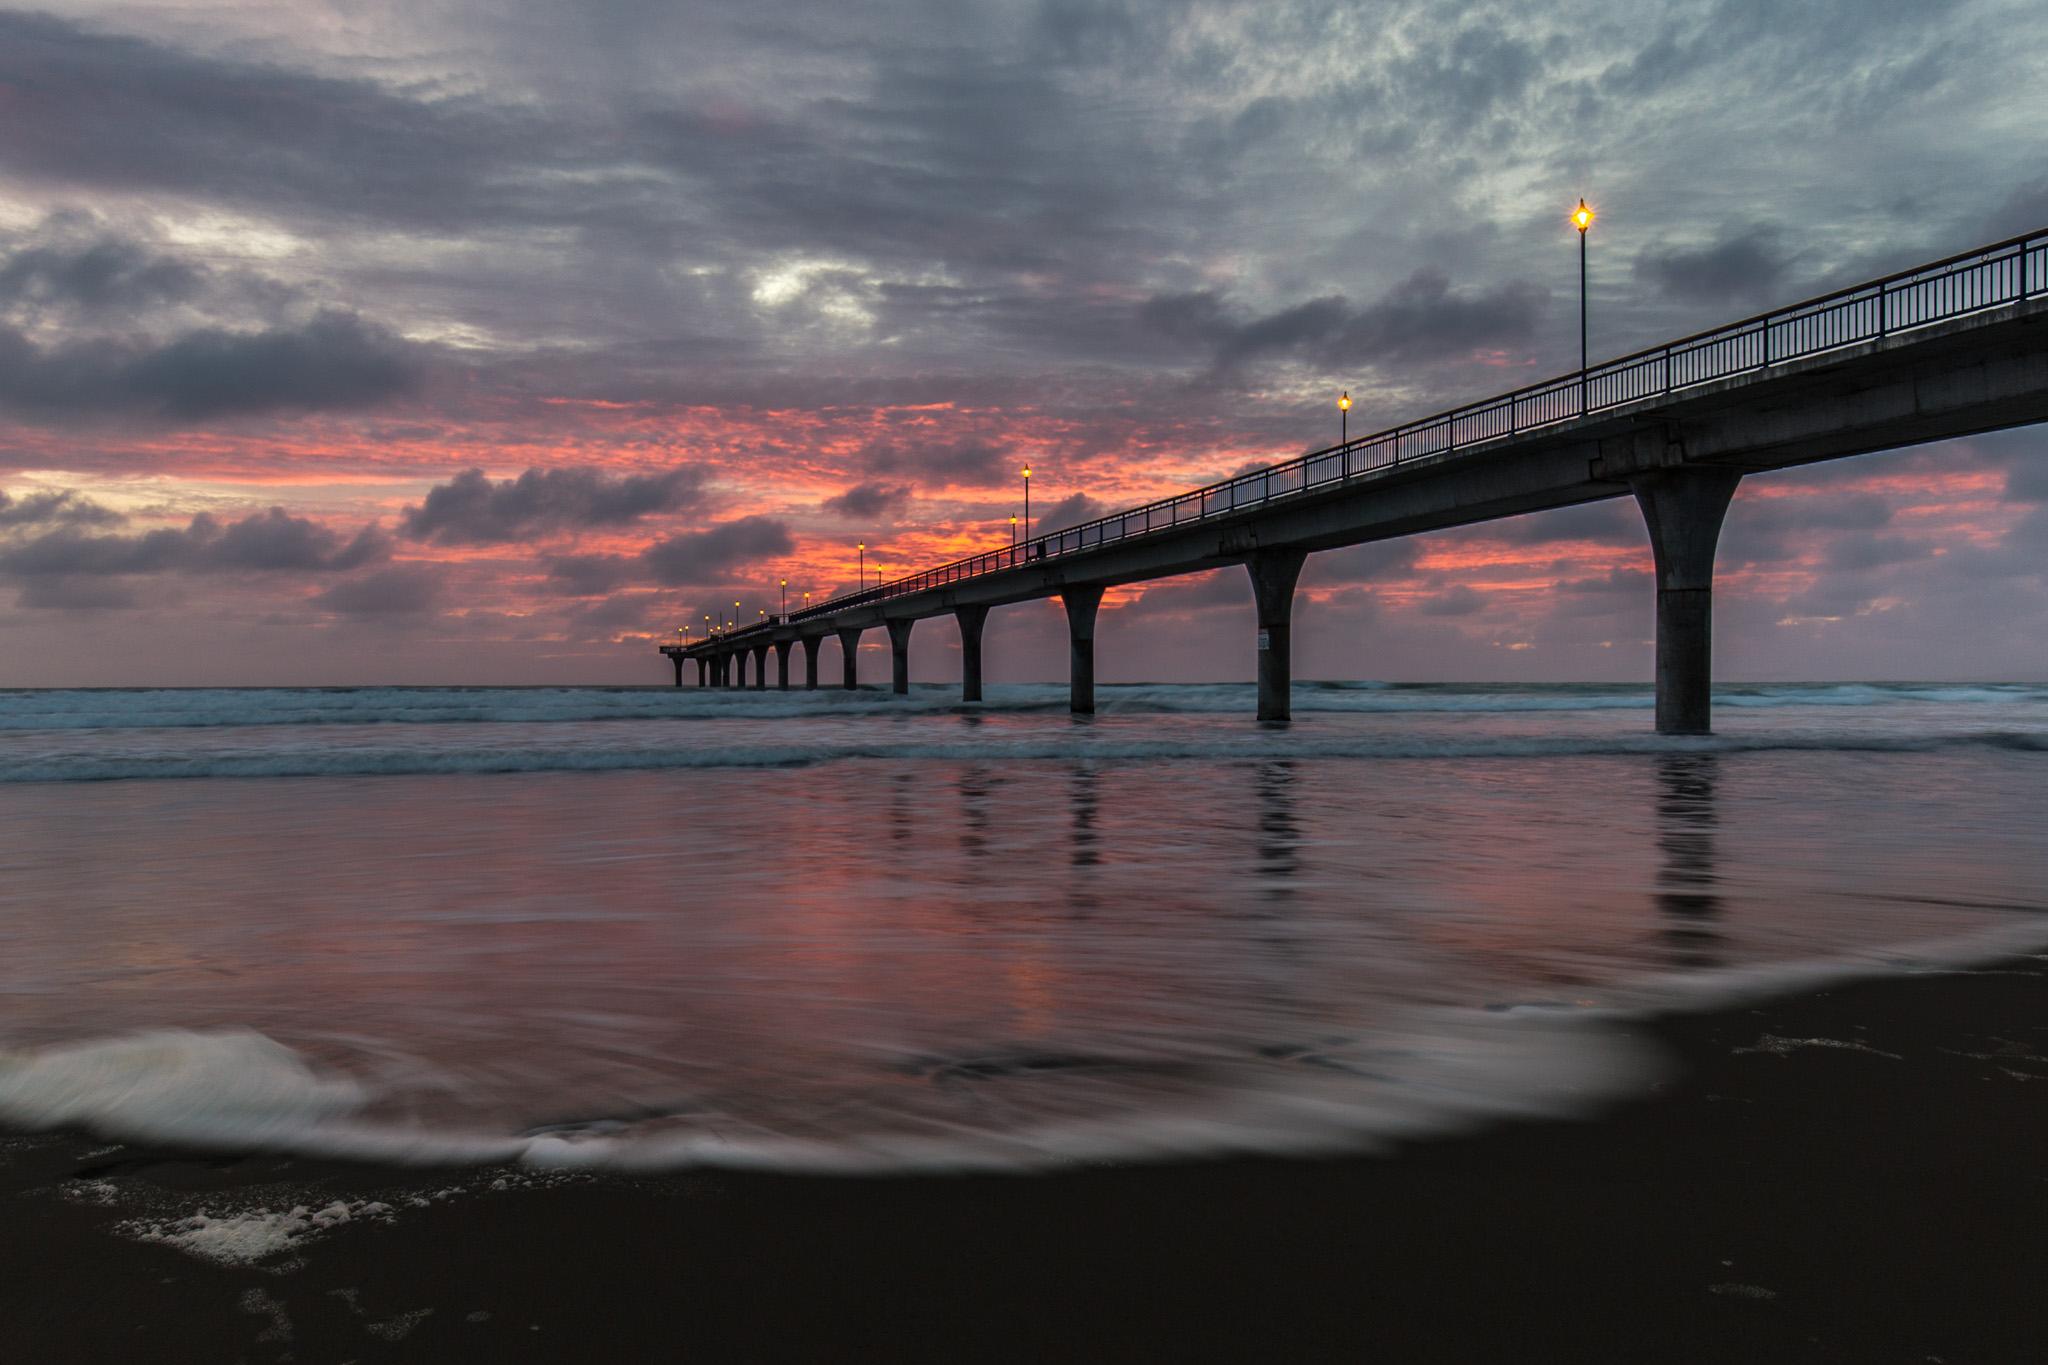 New Brighton Pier at Sunrise